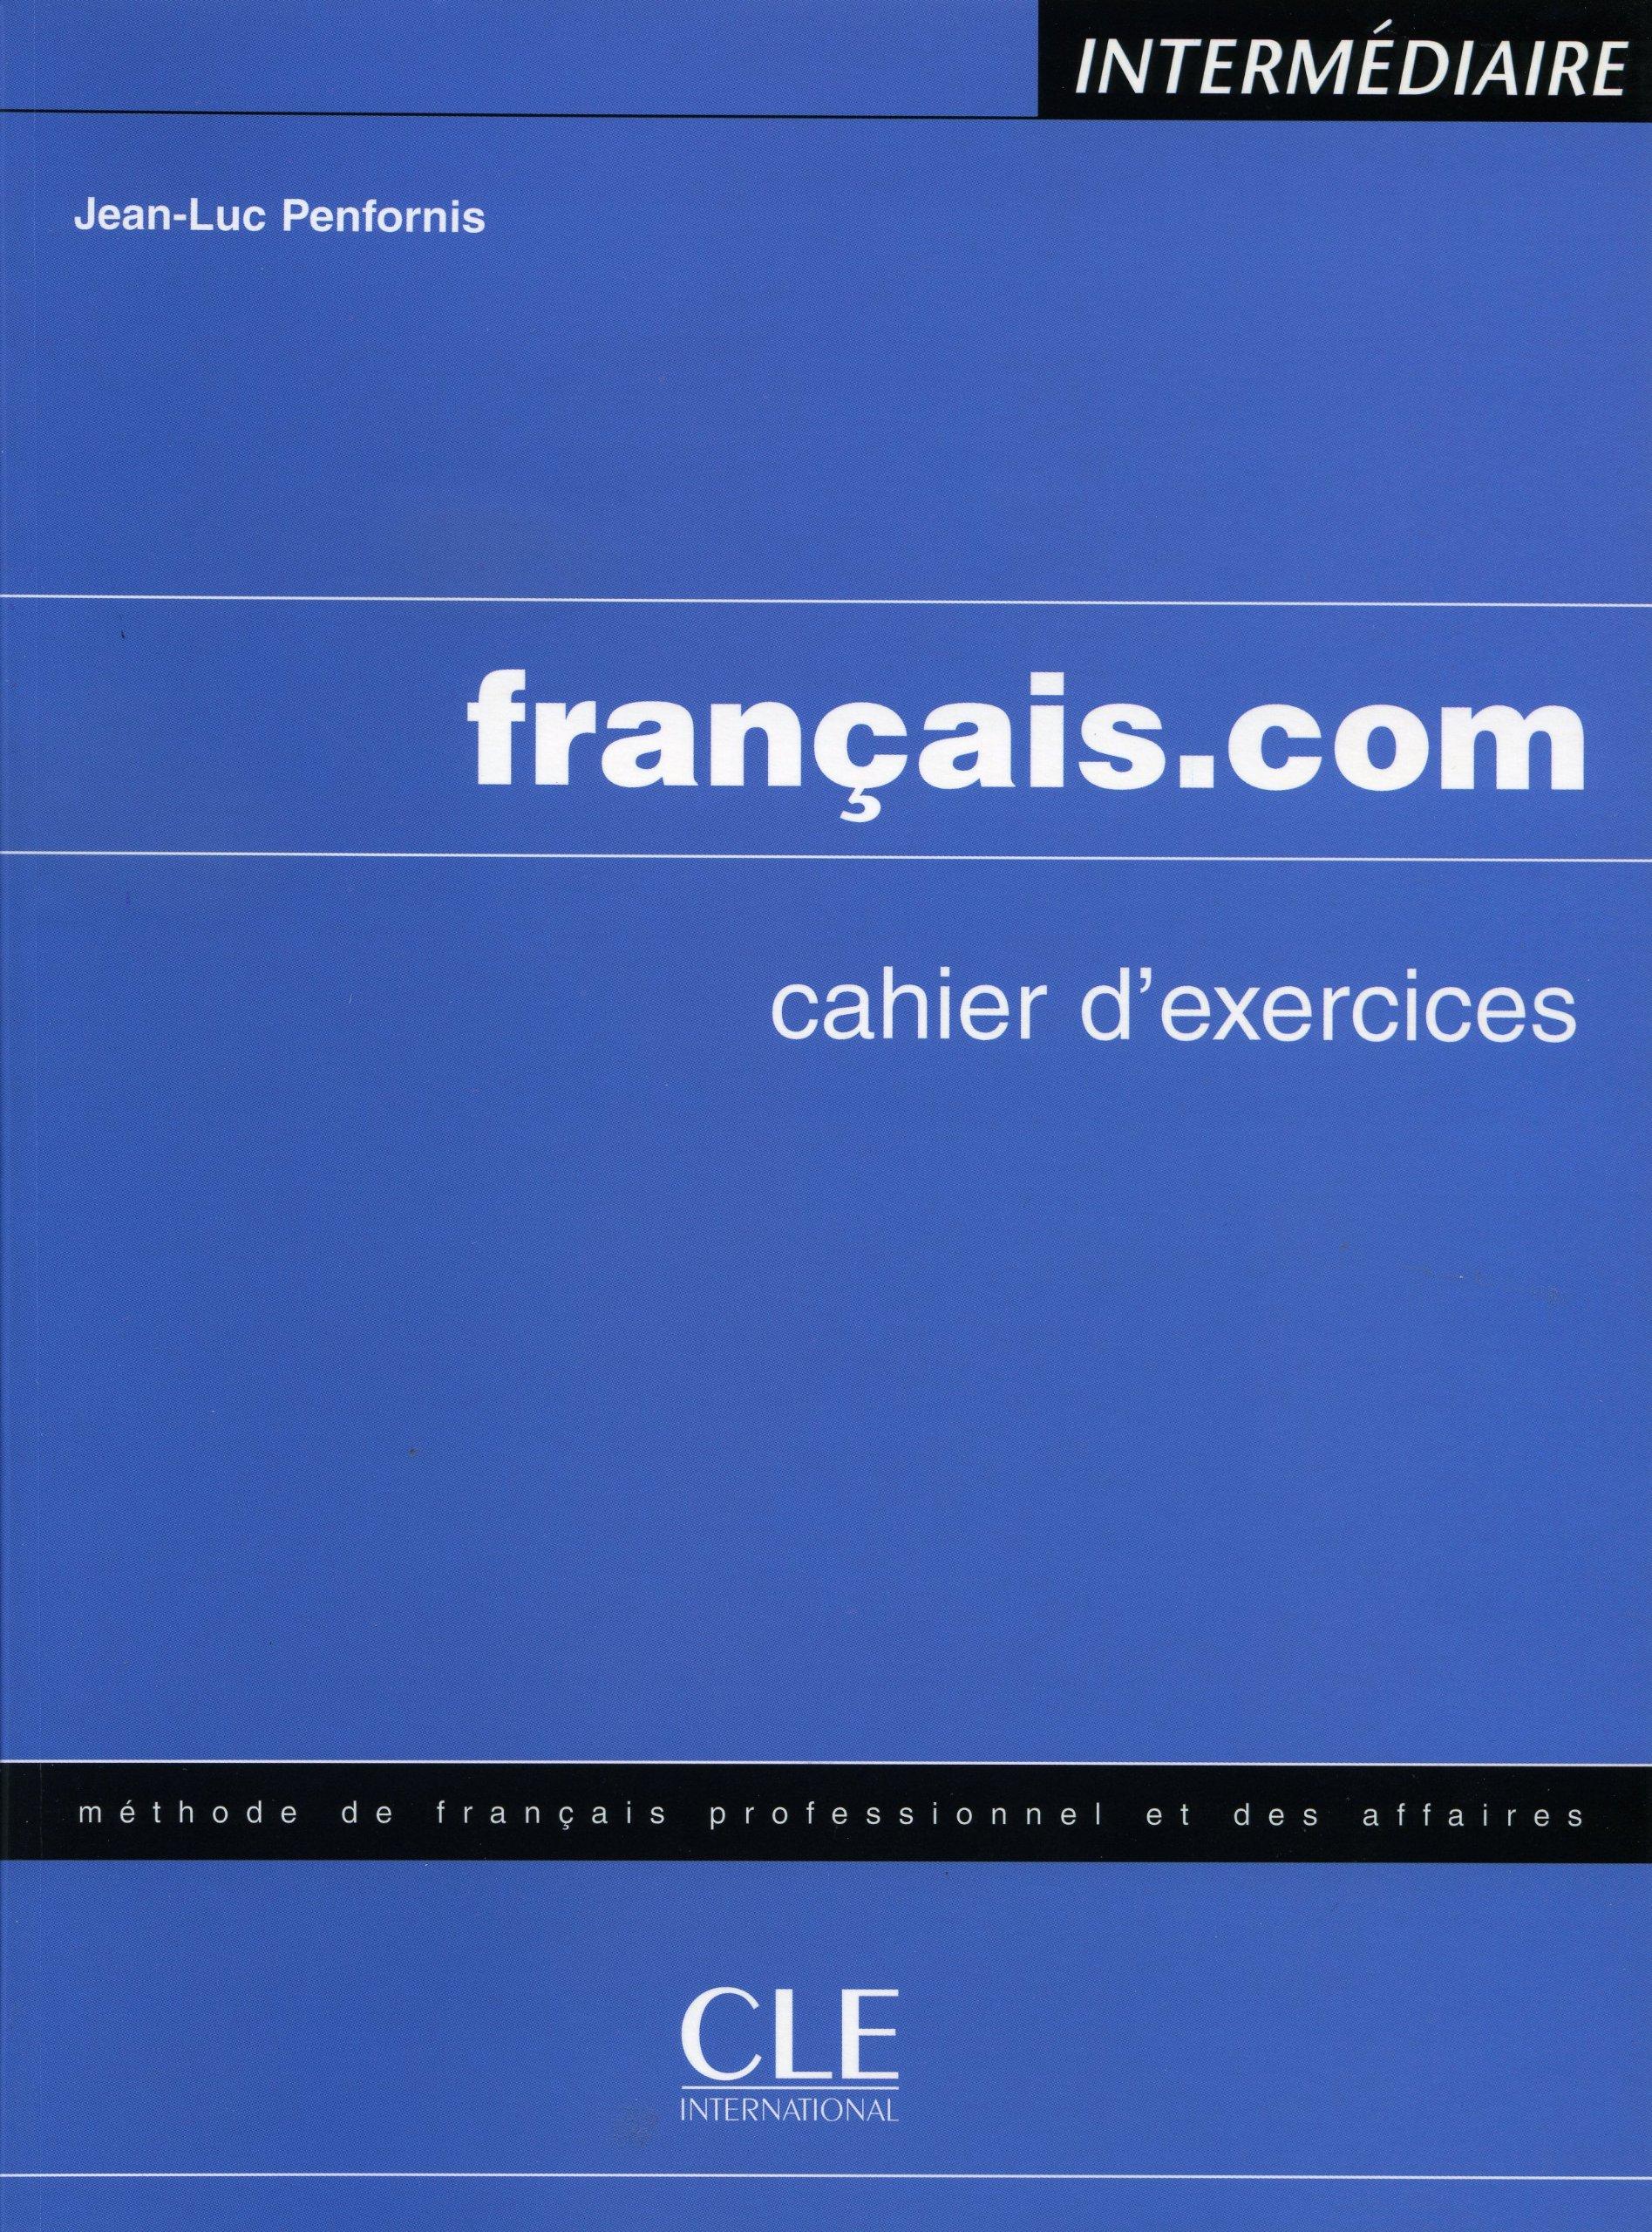 français.com intermédiaire, Cahier d´exercices